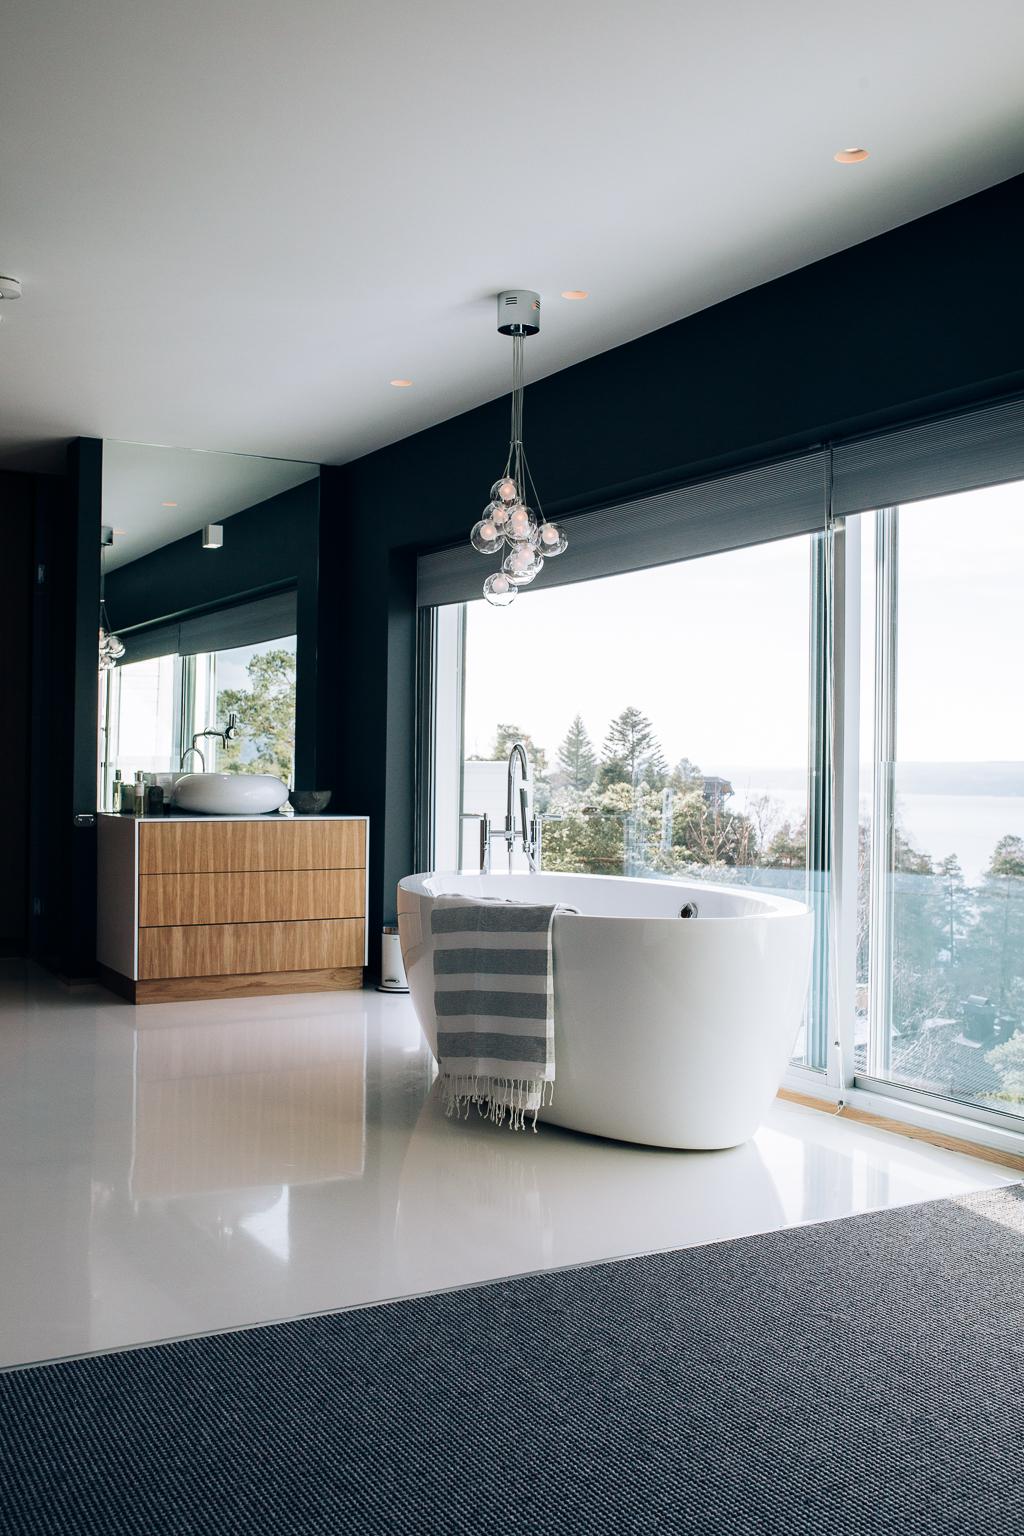 Soverommet og badet har samme farge- og materialvalg som resten av villaen.Tøft valg med åpen baderomsløsning og ikke minst en fantastisk utsikt.